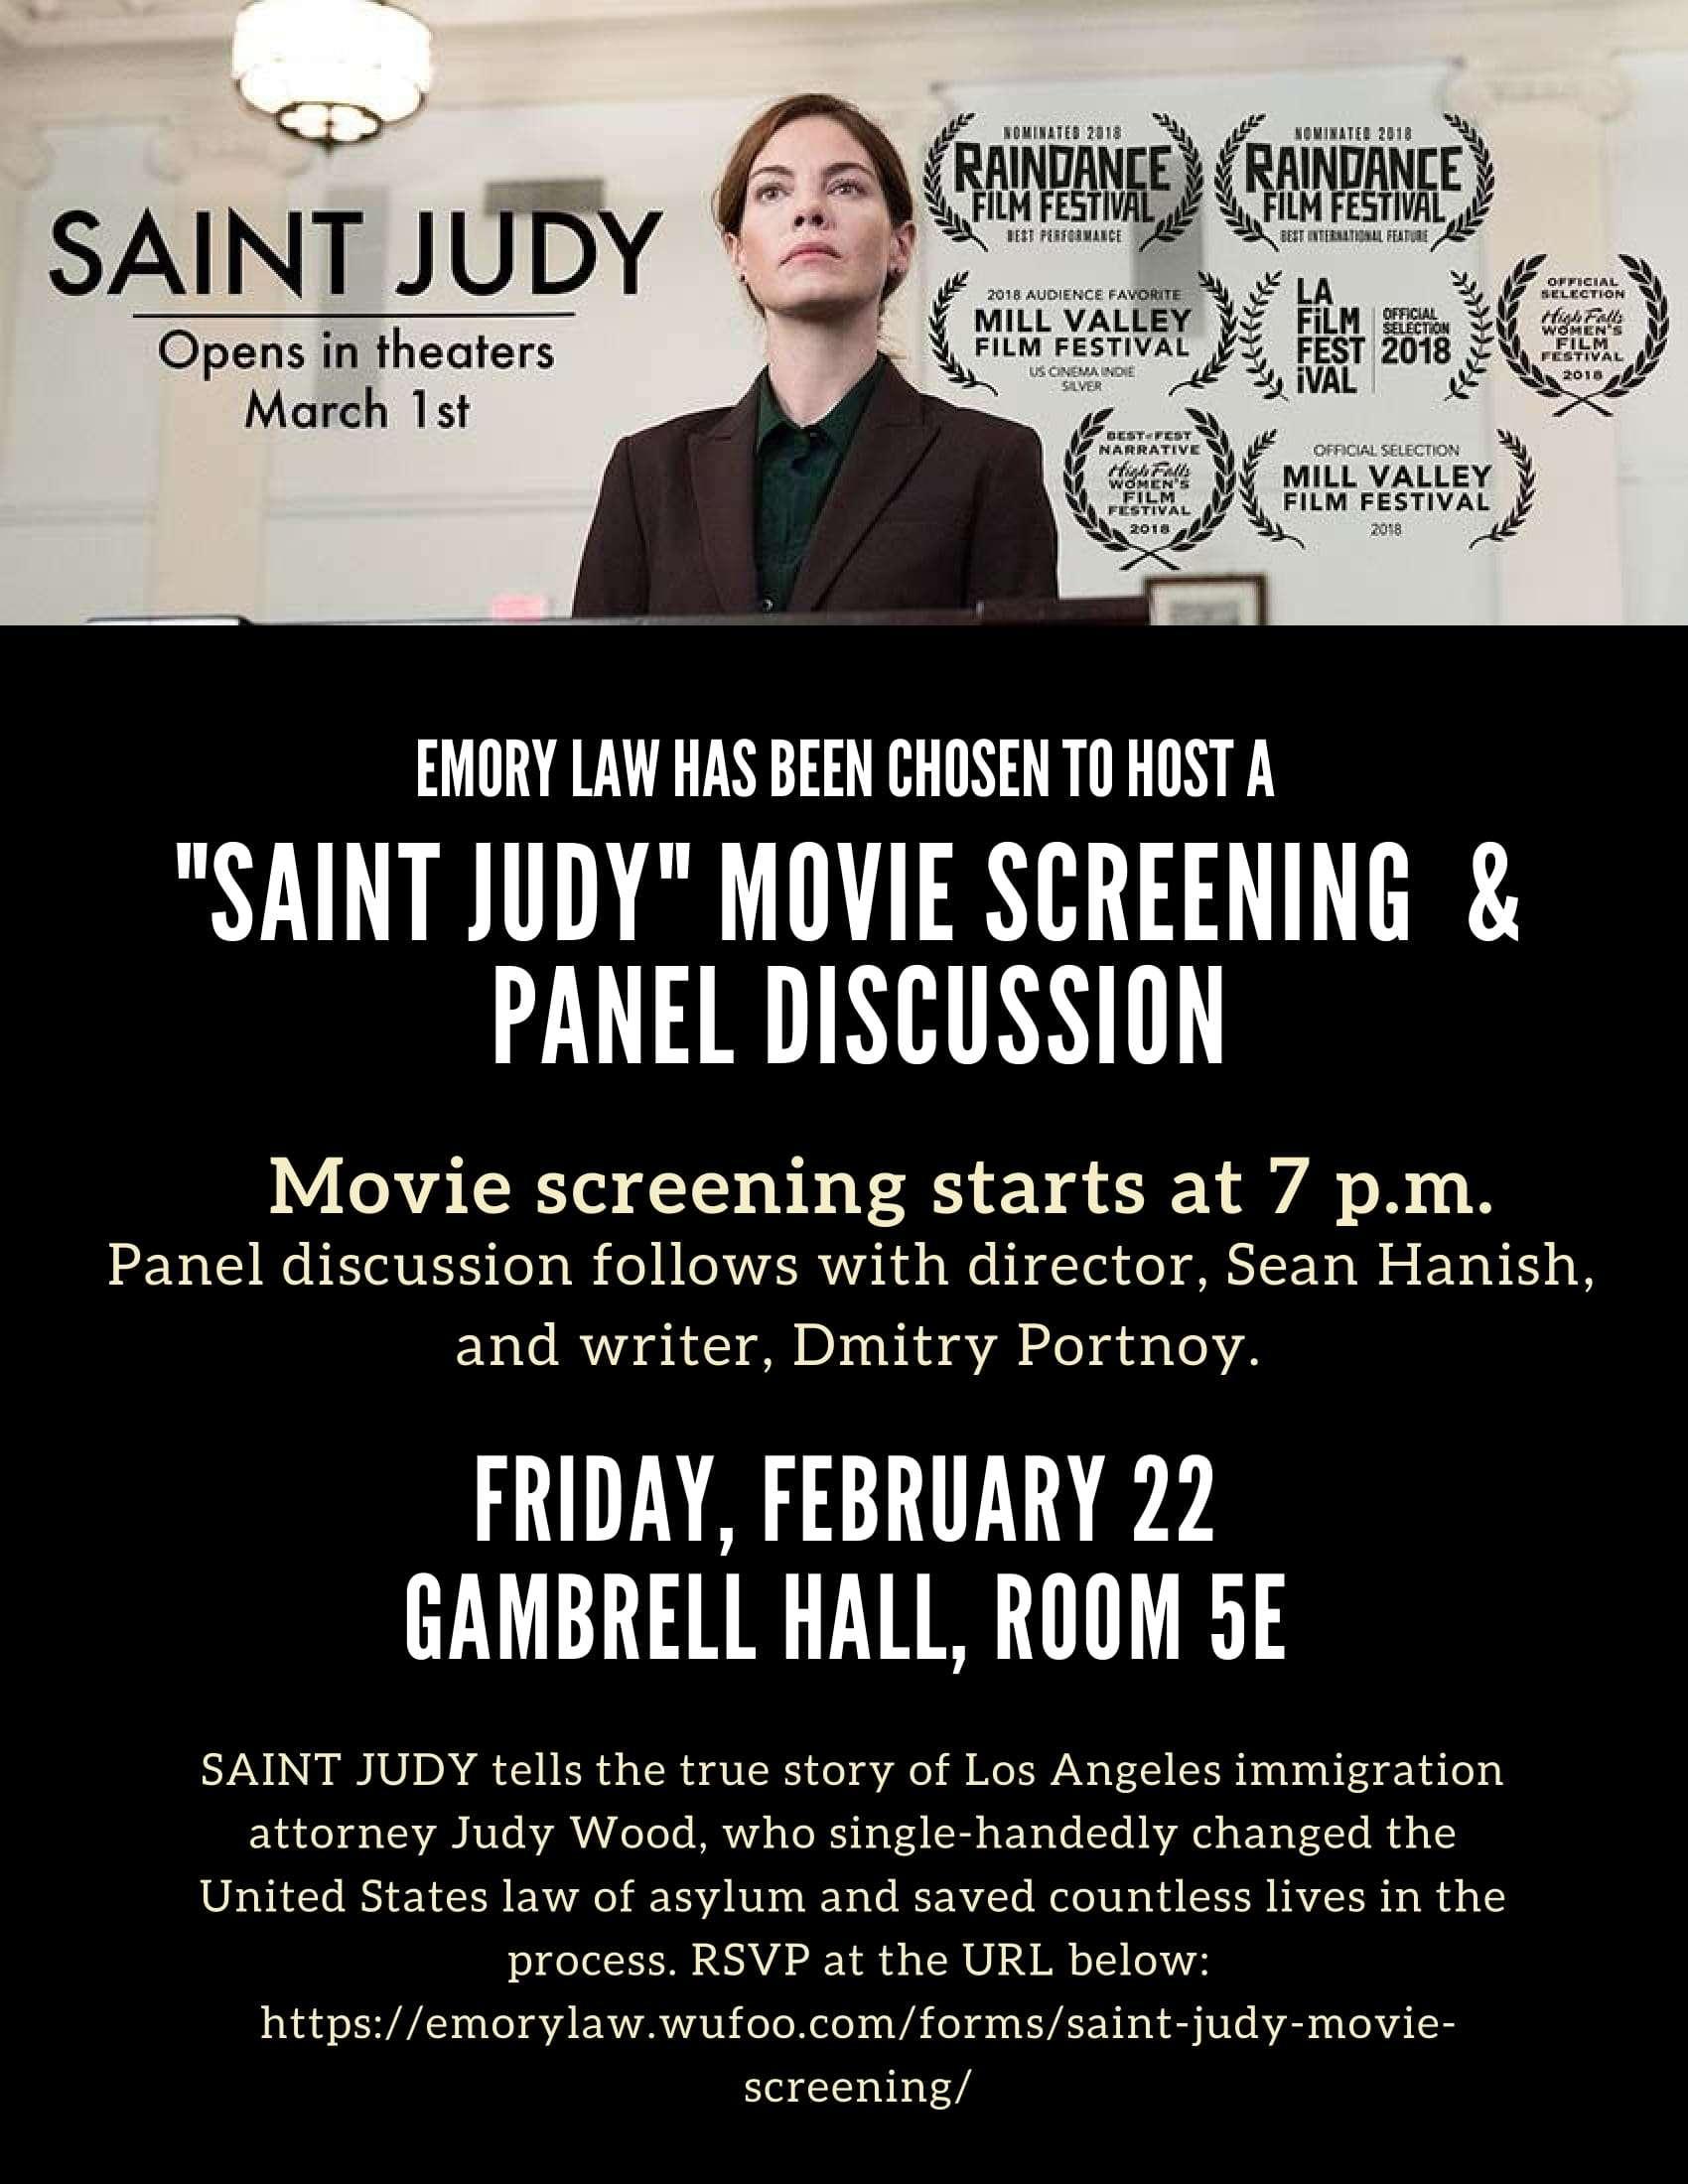 Screening of Saint Judy at Emory Law School, Fri 2/22 at 7